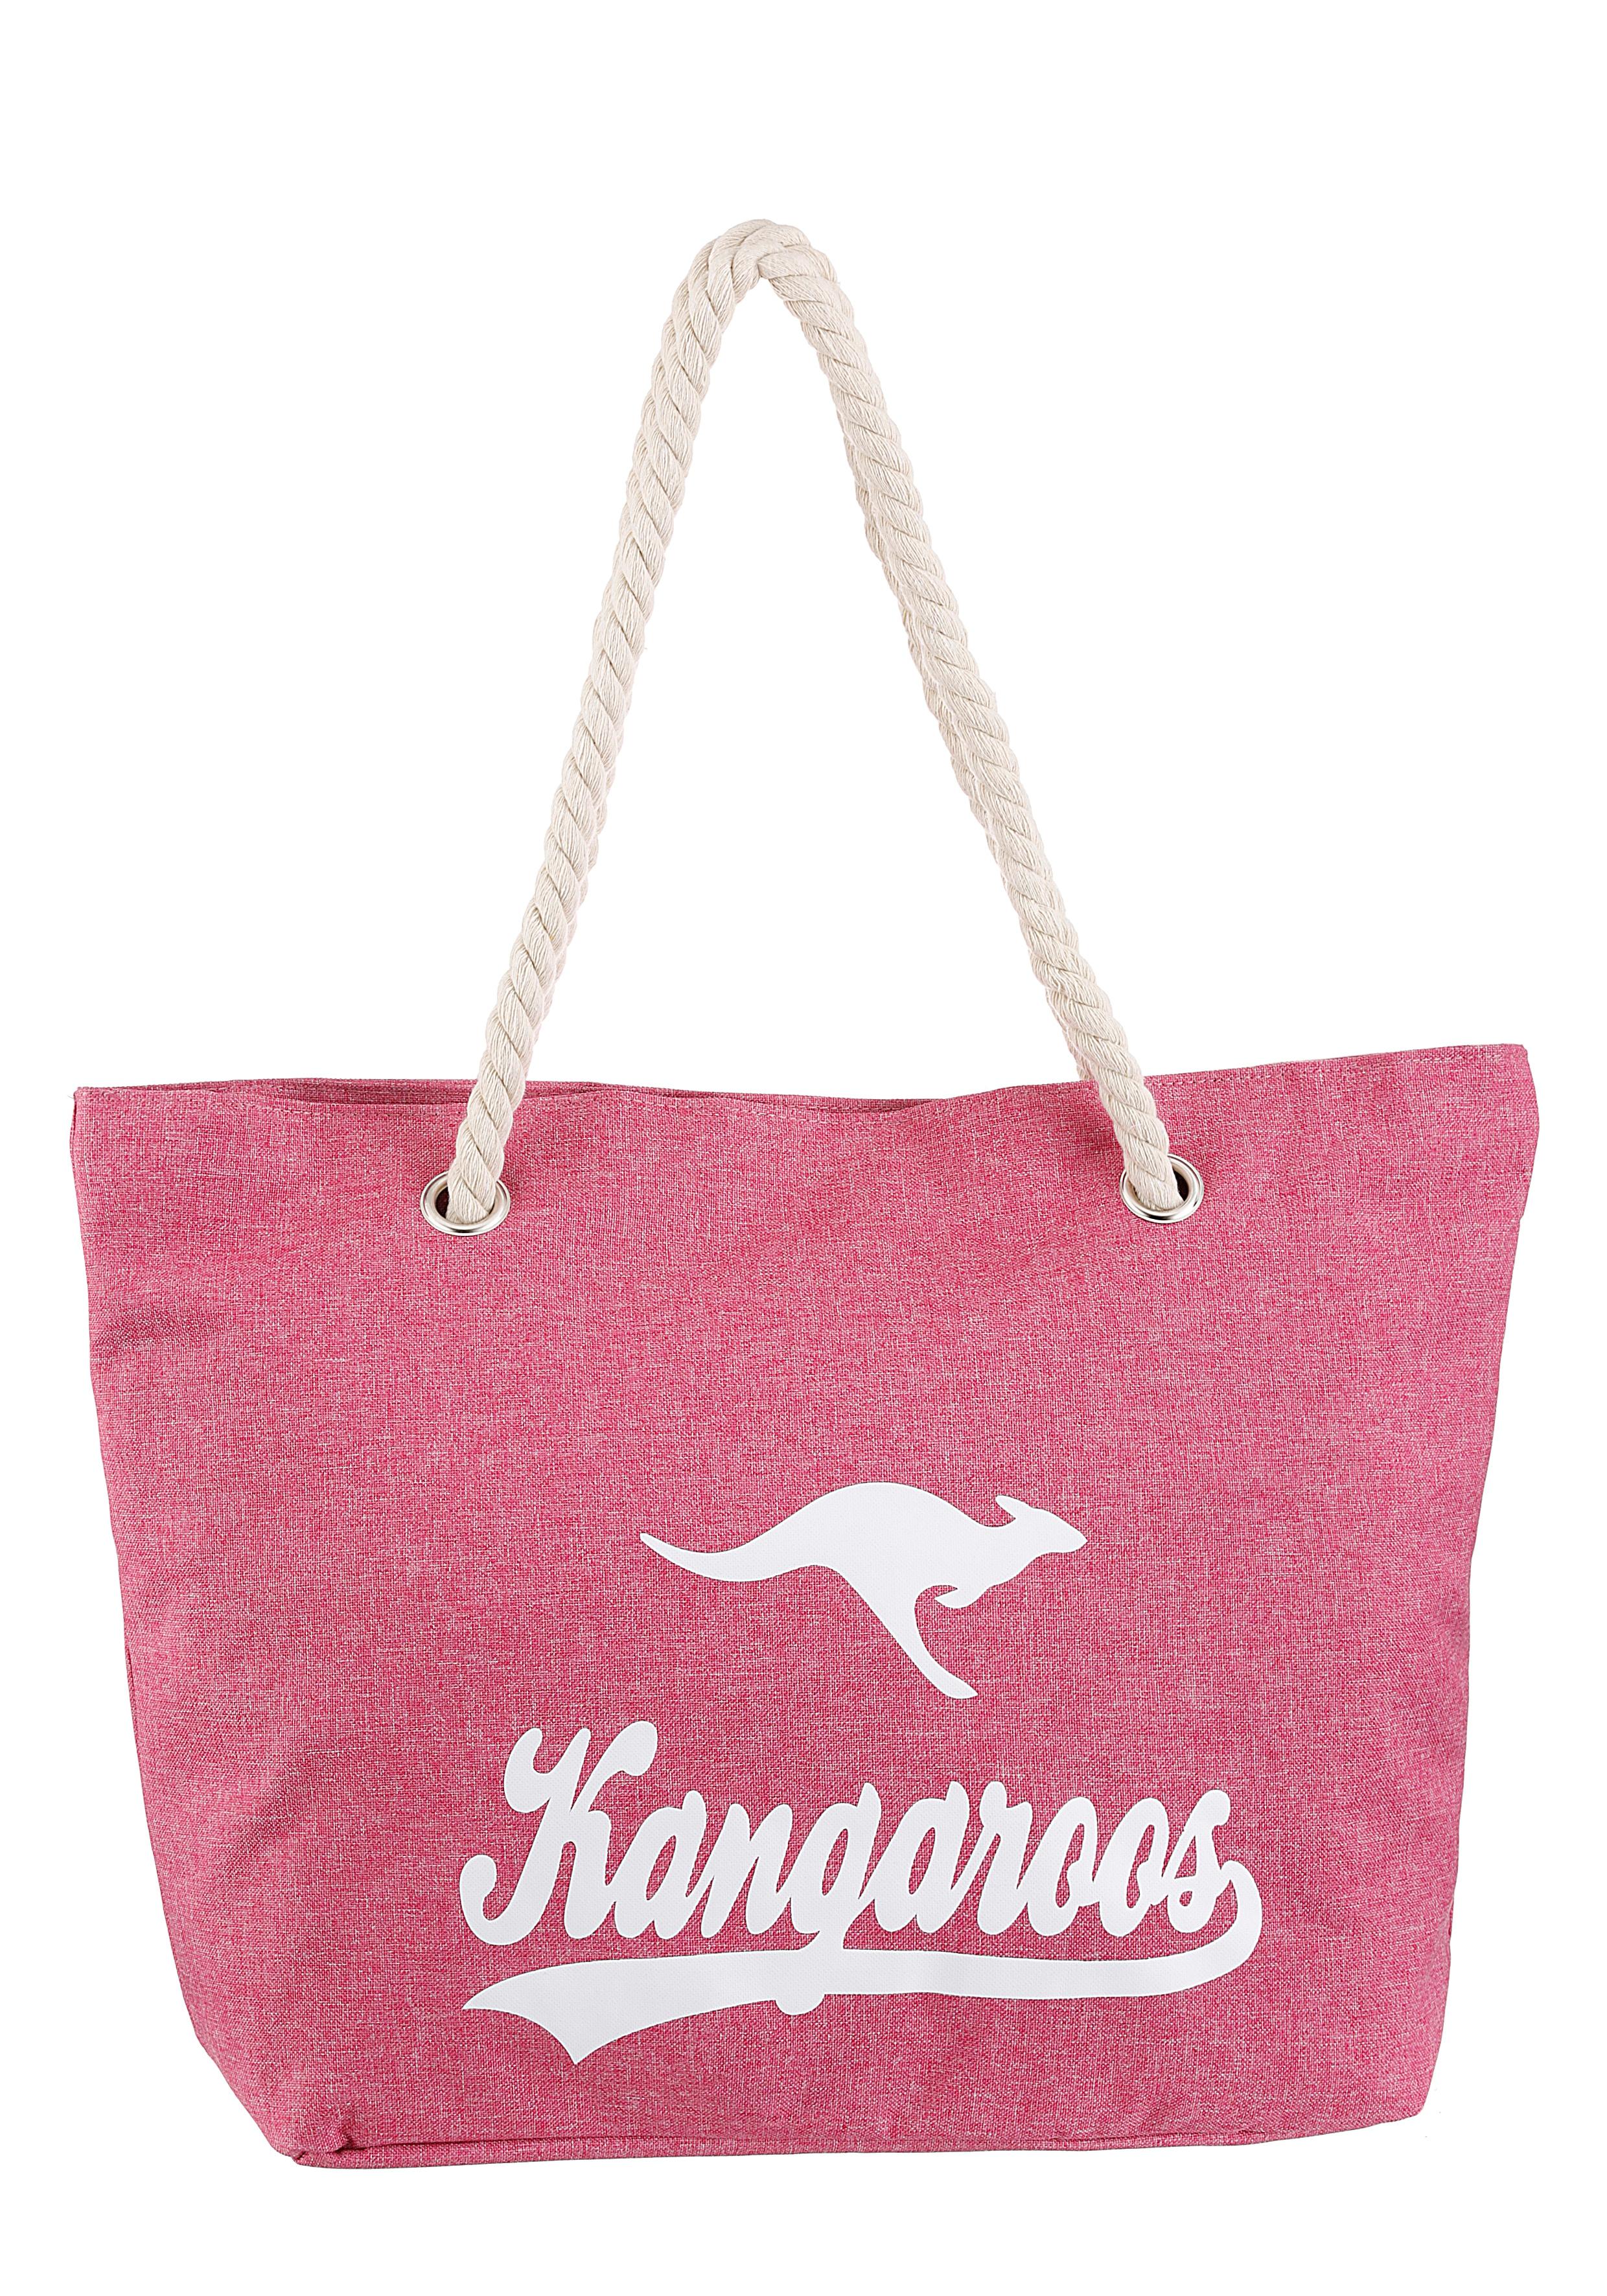 kangaroos -  Shopper